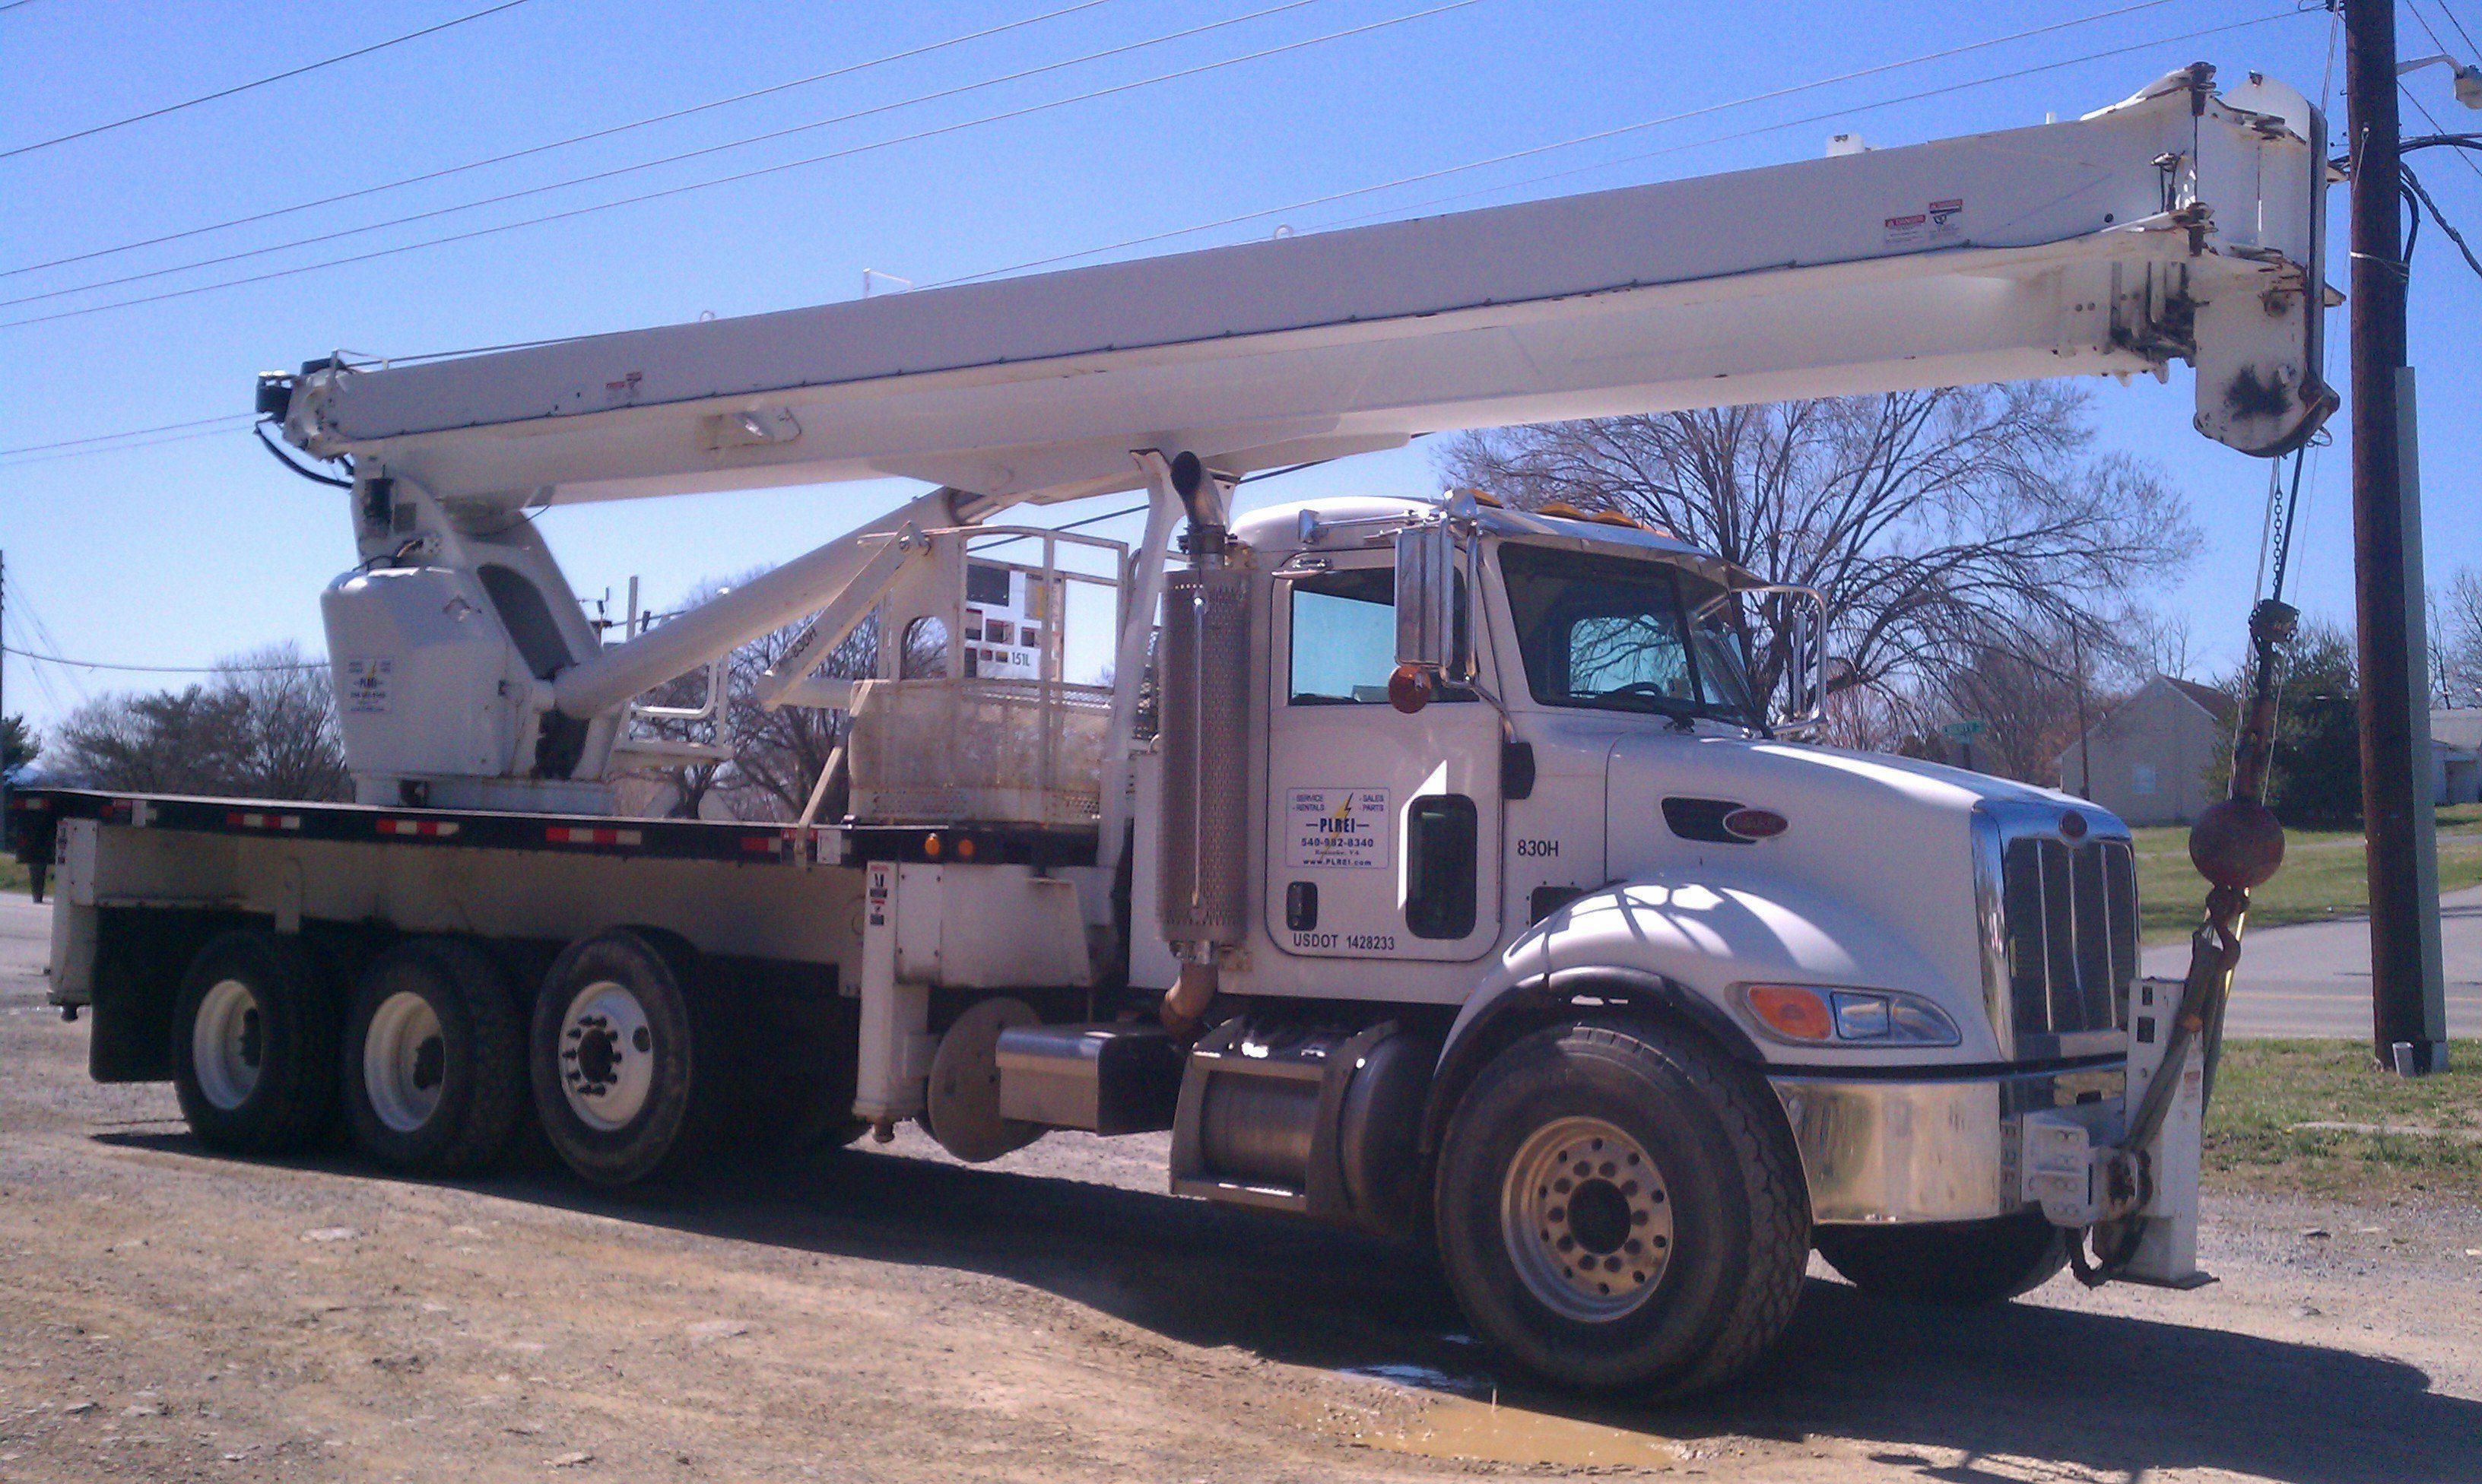 Ltec model ac38127 crane 76000 lb max lift capacity